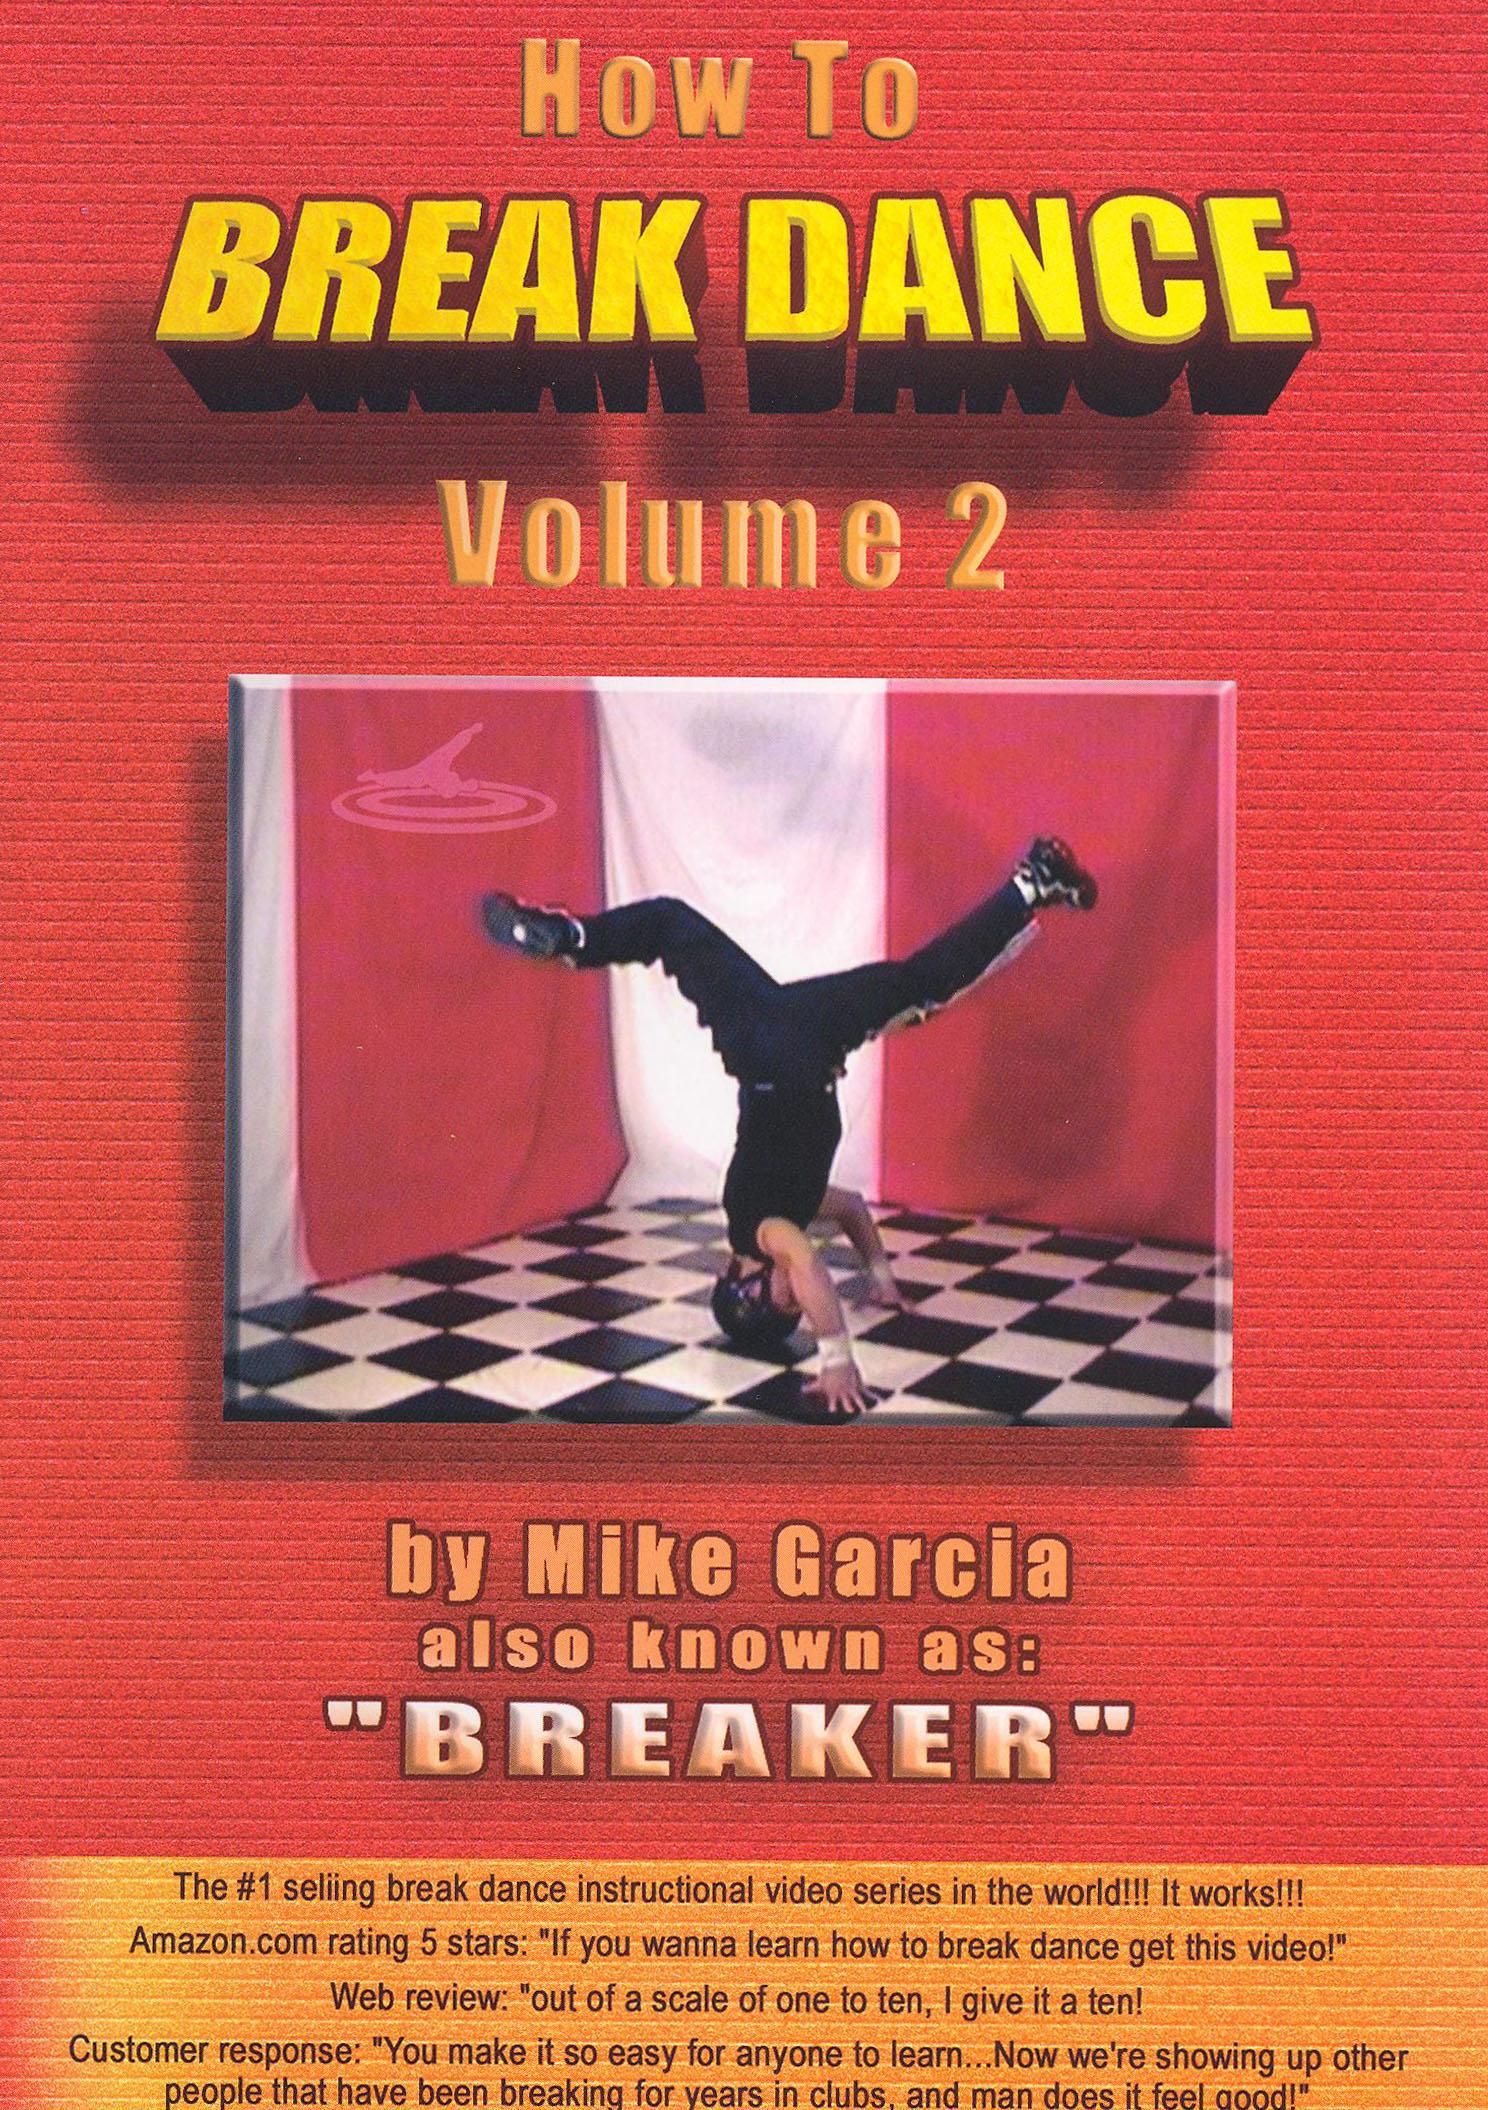 How to Break Dance, Vol. 2